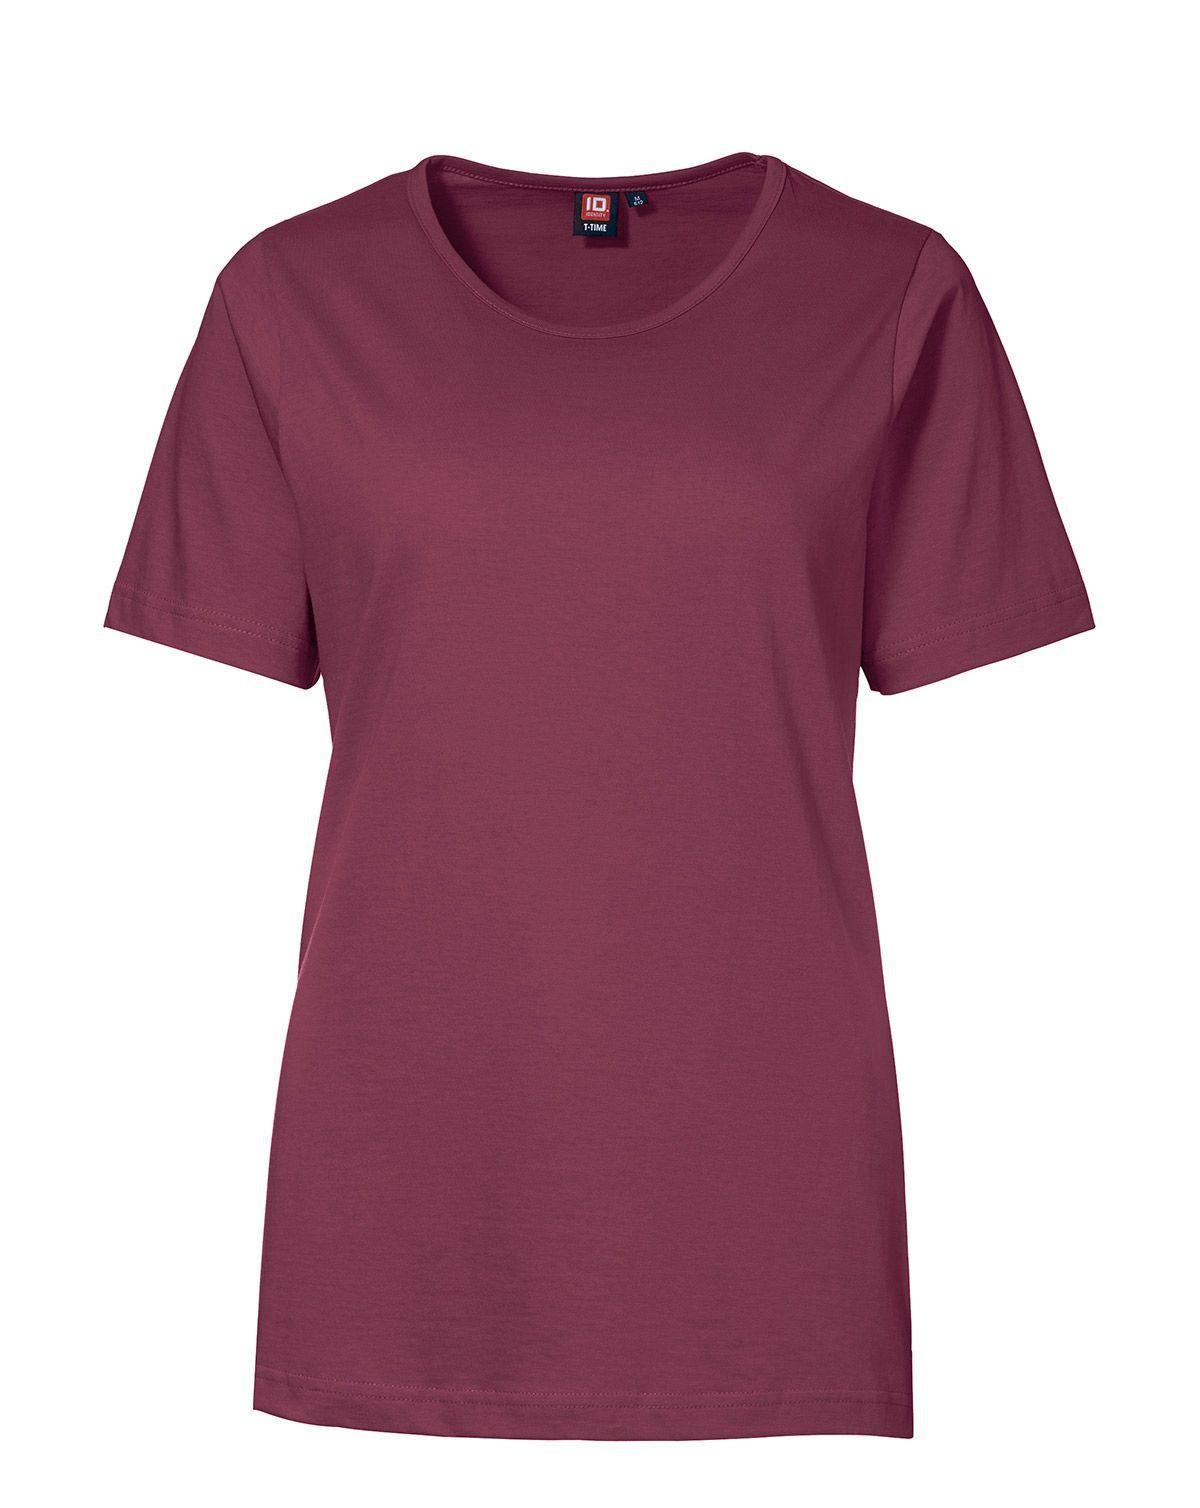 ID T-TIME T-shirt til Kvinder (Maroon, 4XL)